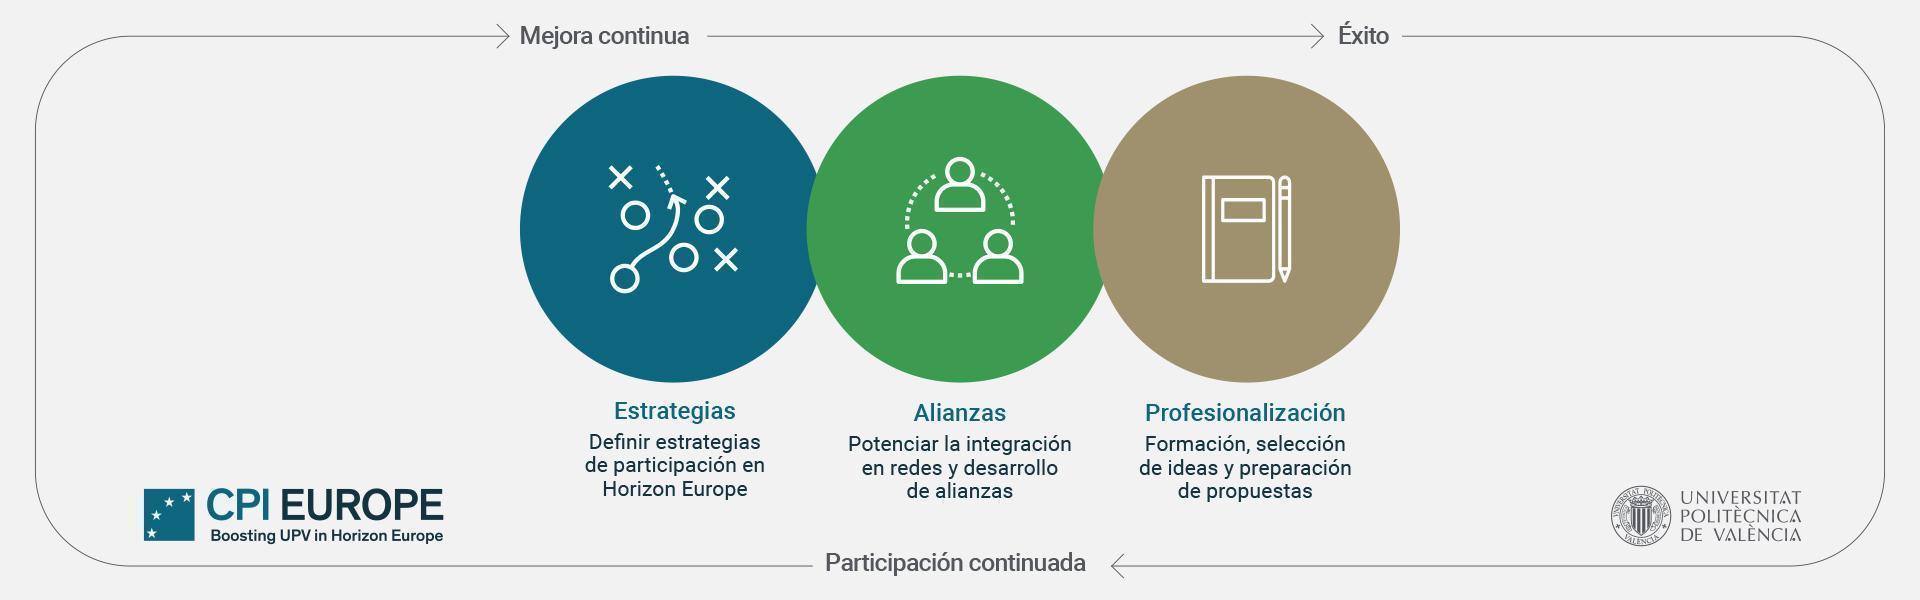 Workflow CPI Europe